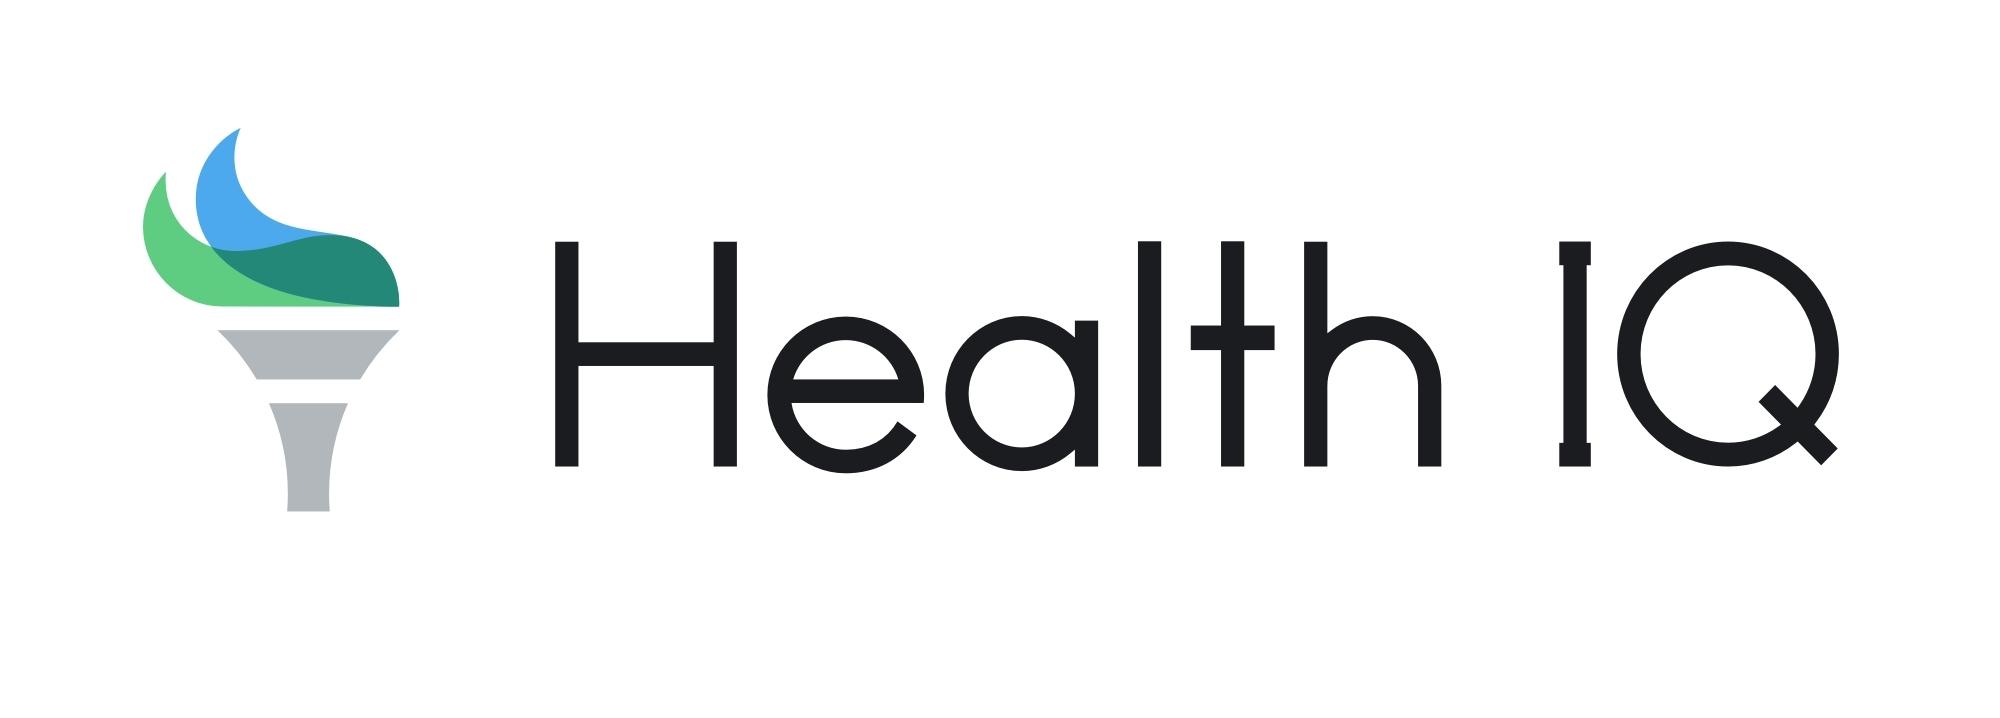 Health IQ.jpg